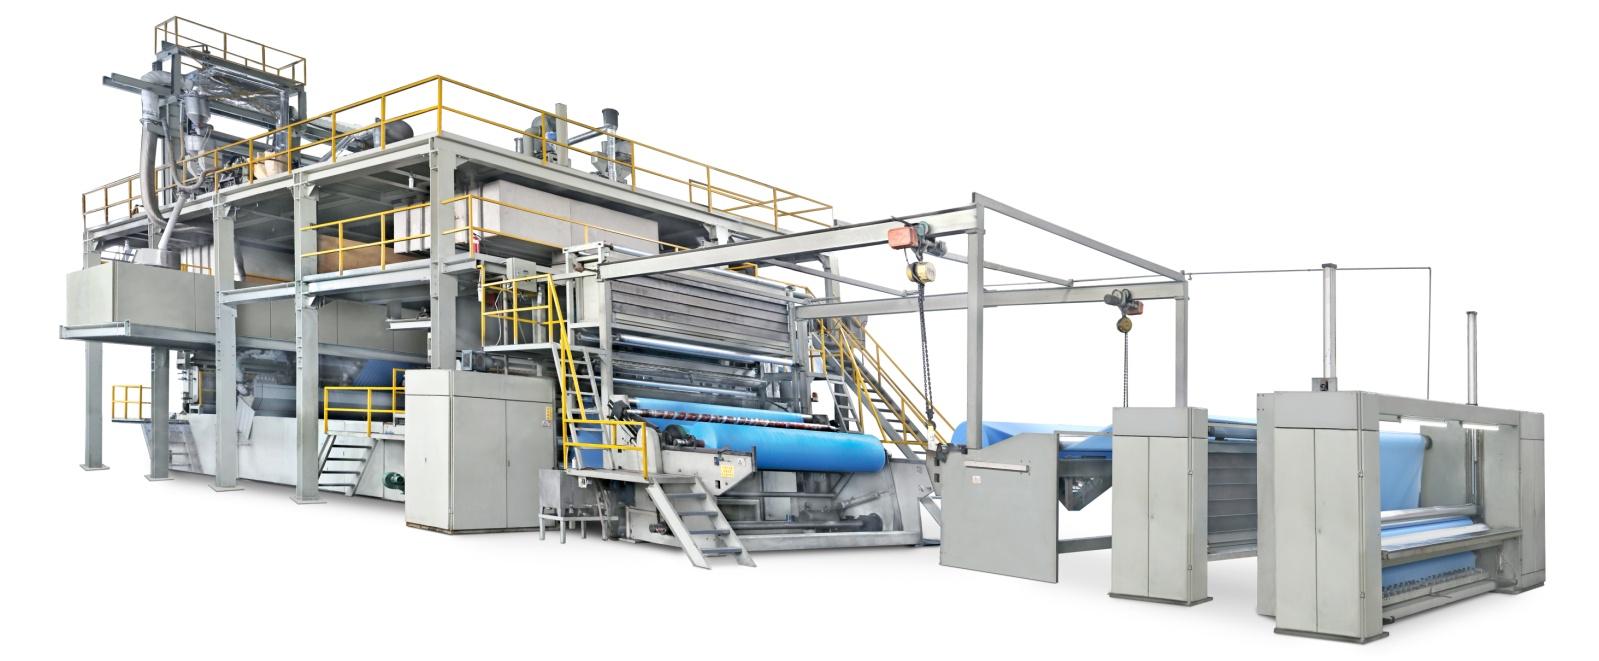 Dây chuyền sản xuất vải không dệt s/ss/sms/smms